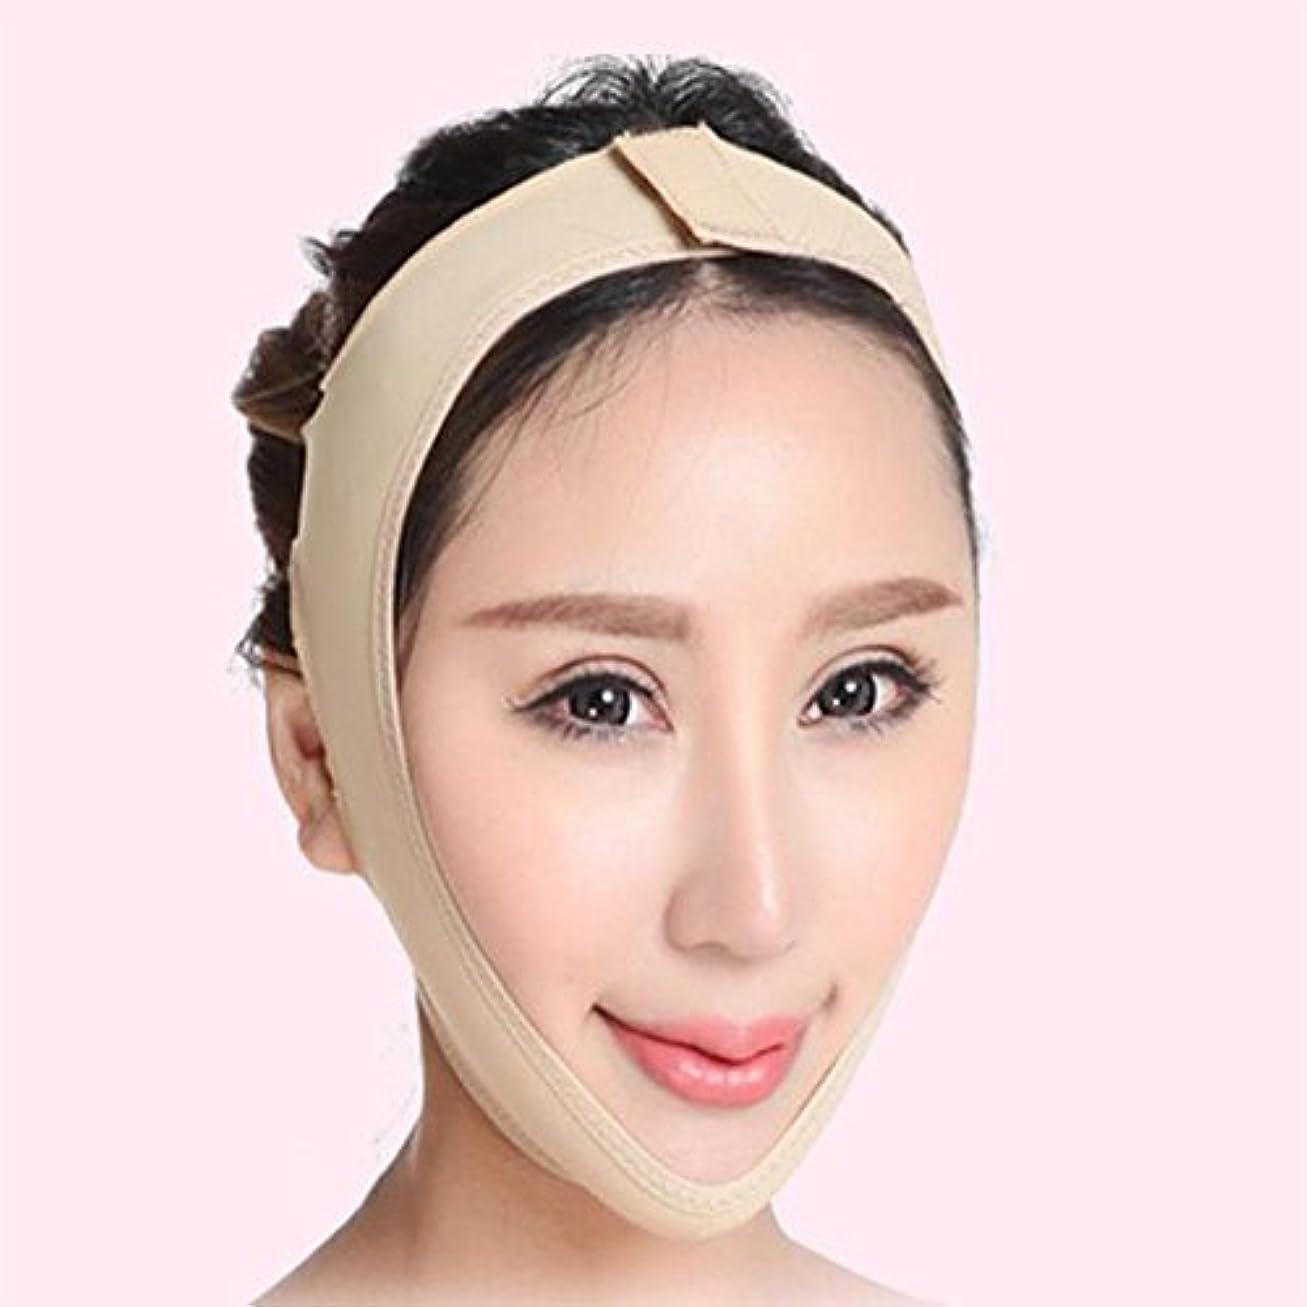 決定する百万ストロークSD 小顔 小顔マスク リフトアップ マスク フェイスライン 矯正 あご シャープ メンズ レディース Sサイズ AZD15003-S